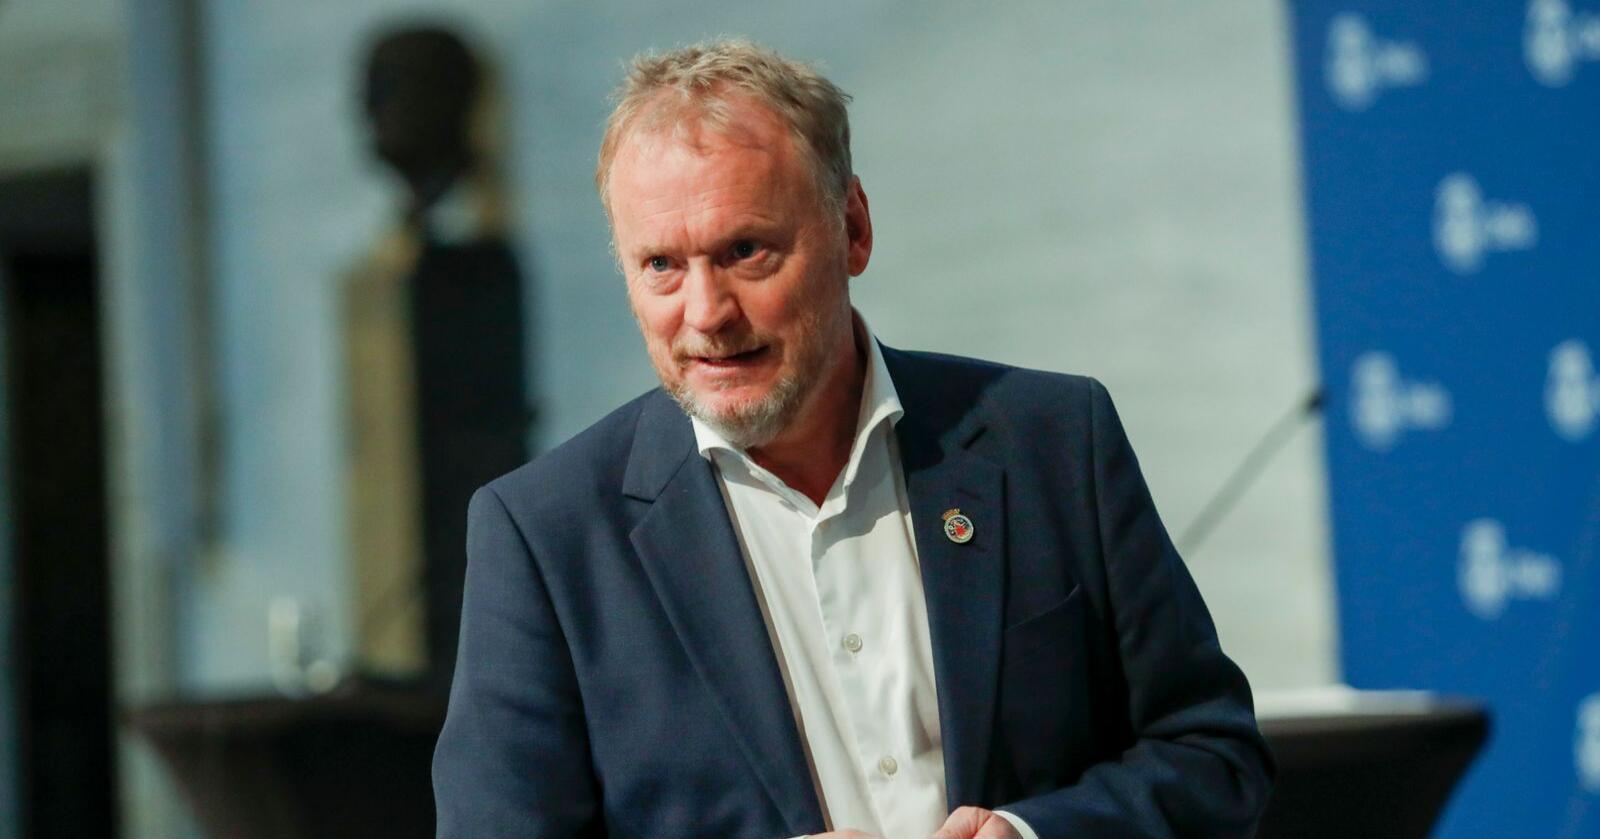 – Jonas Gahr Støre er Arbeiderpartiets leder, og vår statsministerkandidat foran valget til høsten. Det støtter jeg, sier Raymond Johansen. Foto: Terje Bendiksby / NTB